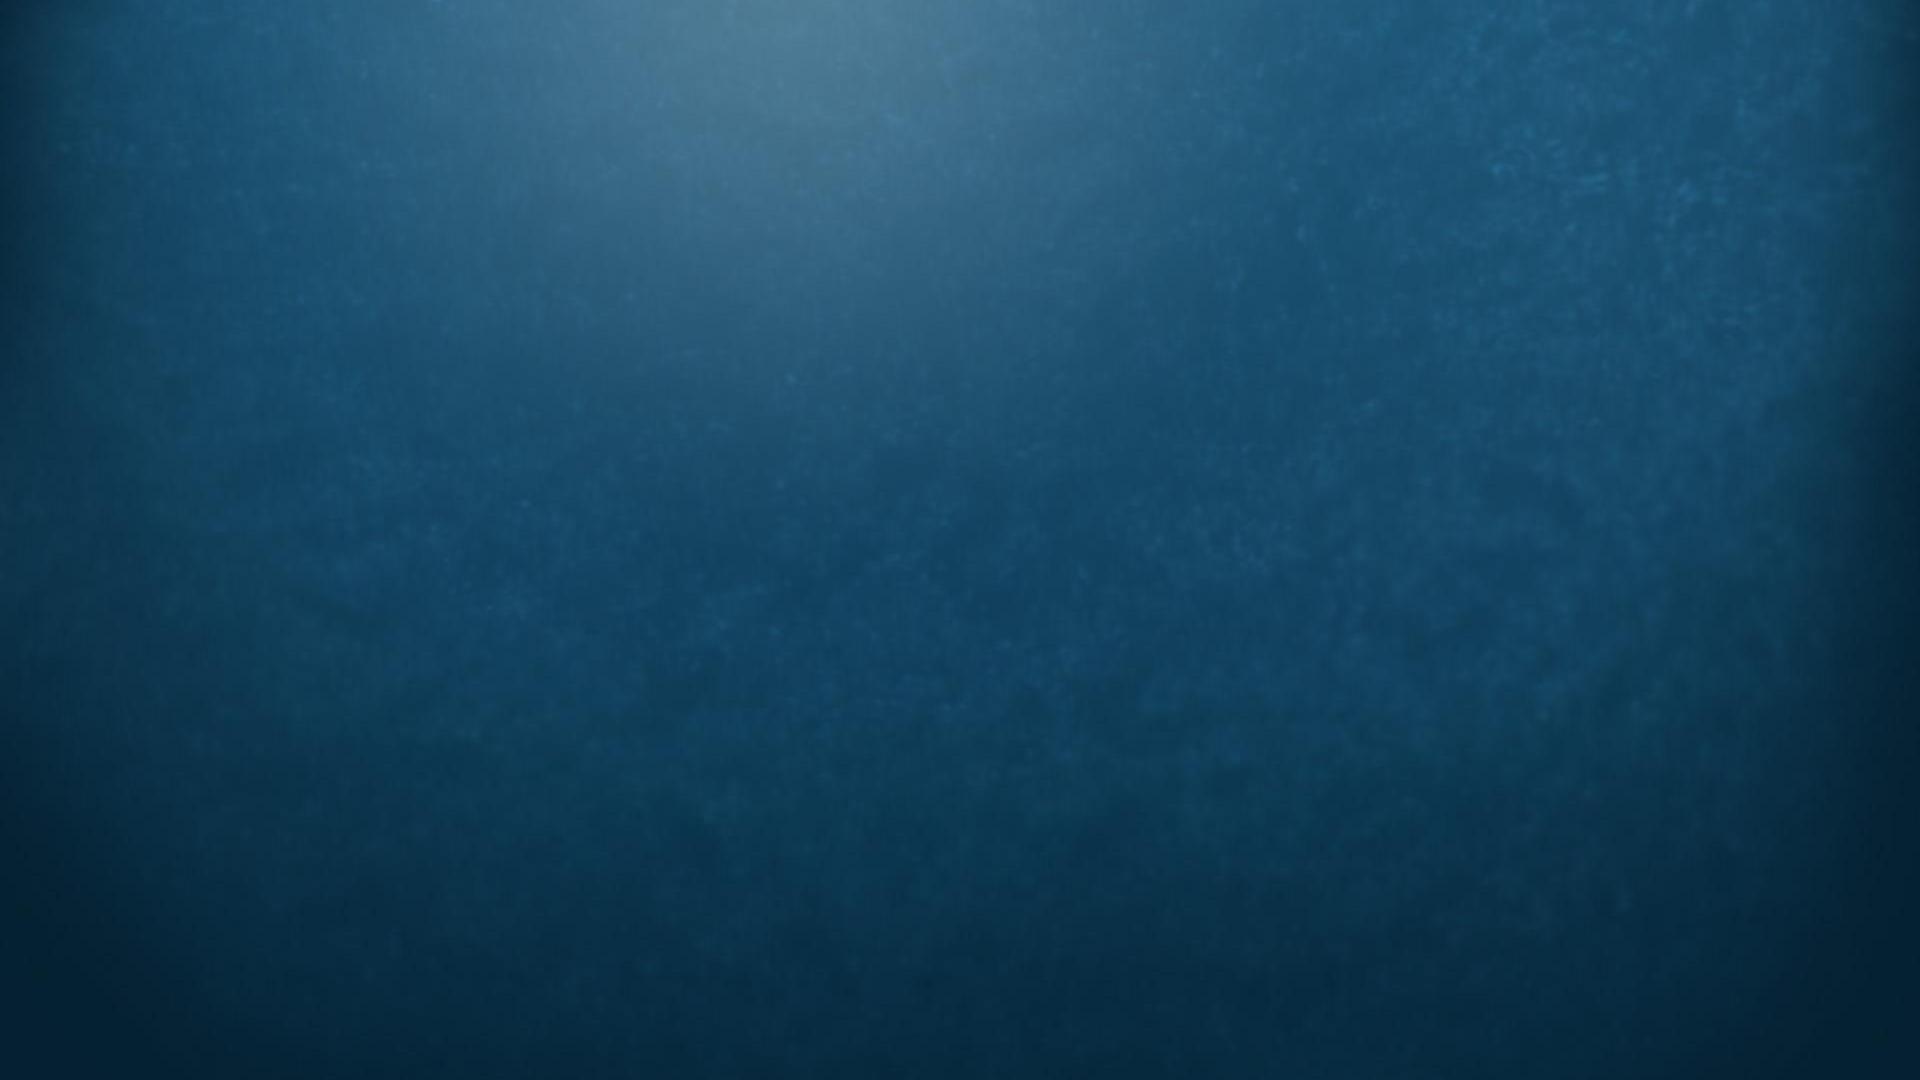 Dark Blue Gradient · Blue gradient wallpaper 1920×1080